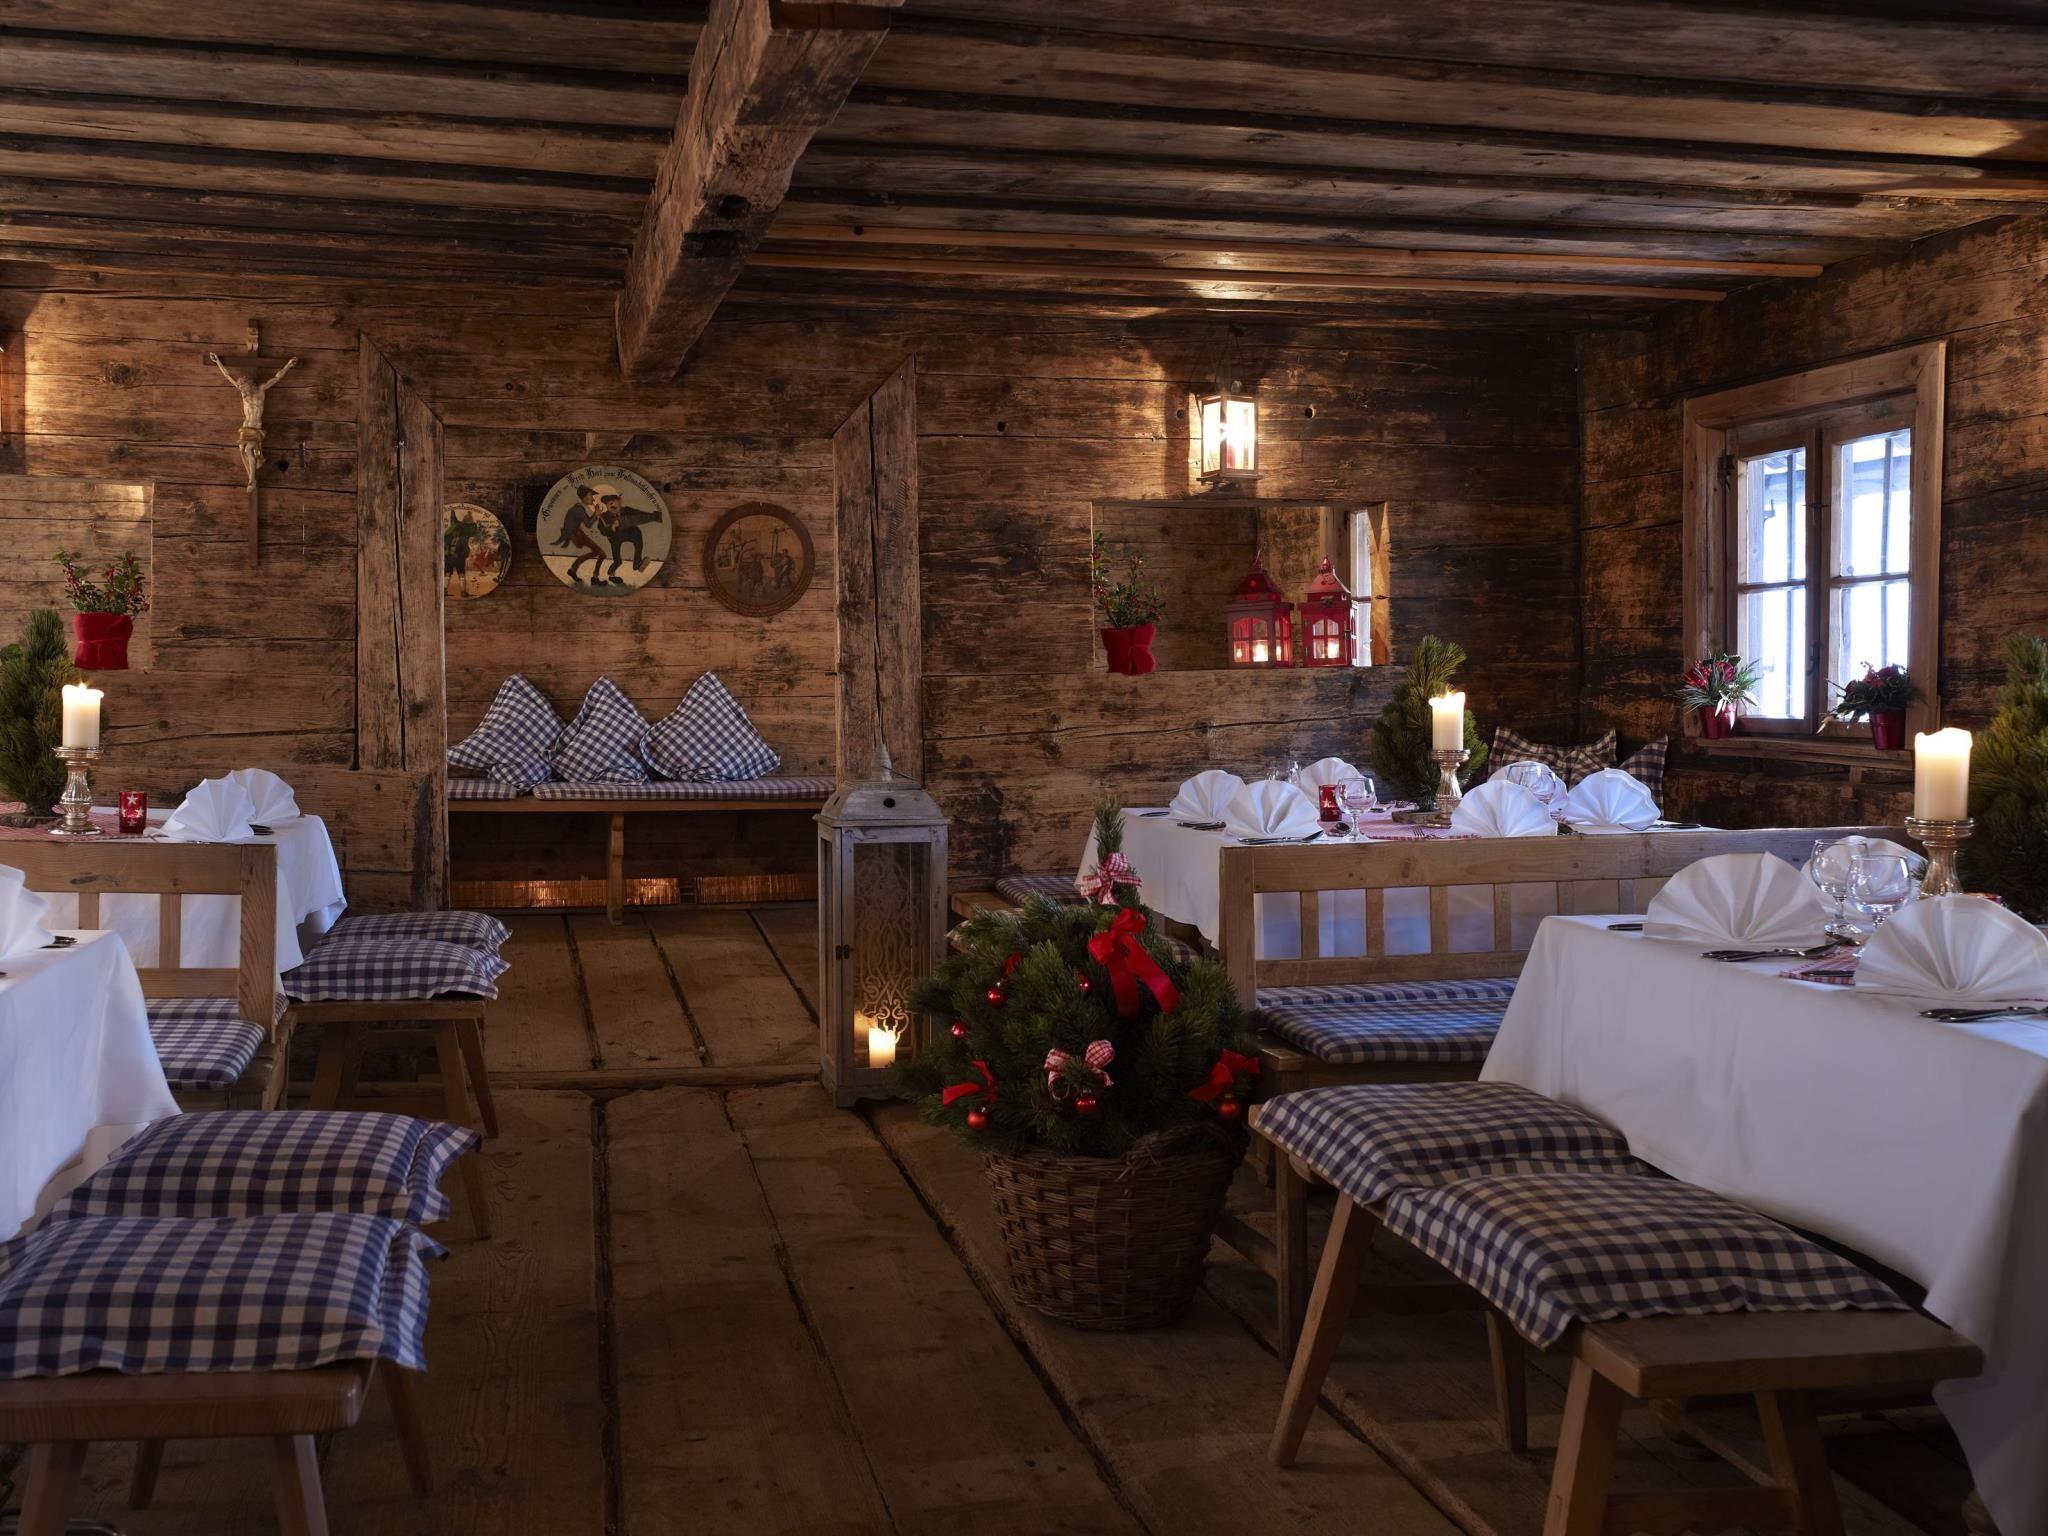 Brauereigasthof Hotel Aying **** Ein perfekter Standort für ...